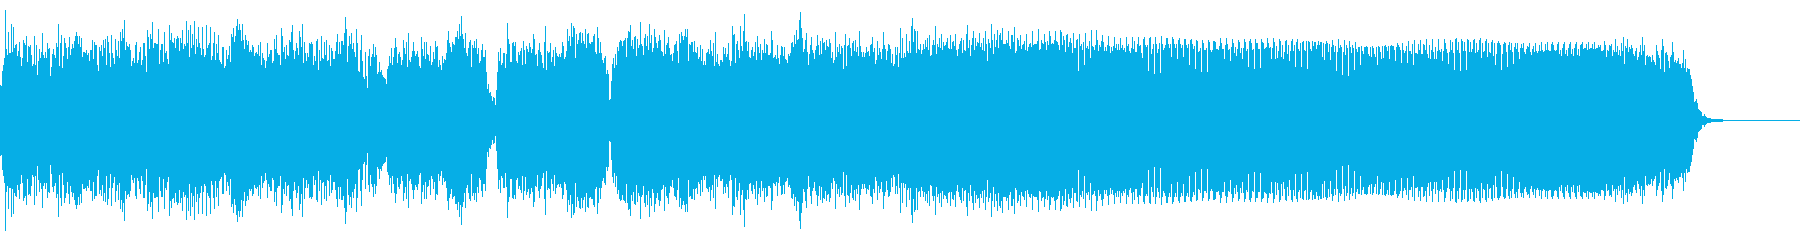 ロック イントロ ジングル3の再生済みの波形